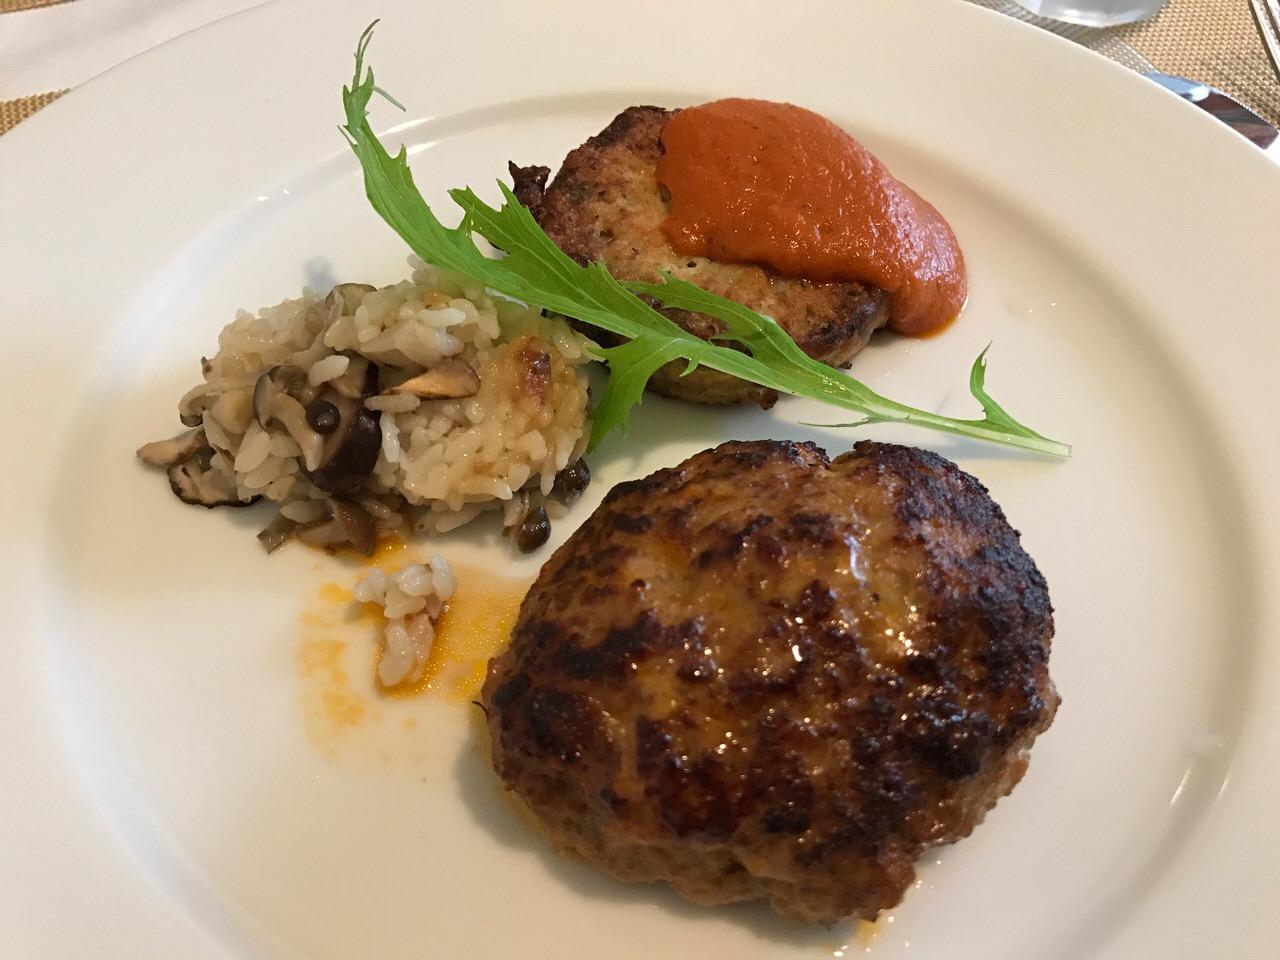 「ノブレス・オブリージュ(人形町)」貴闘力がオーナーの隠れ家フレンチレストランでランチ → ハンバーグが美味い!